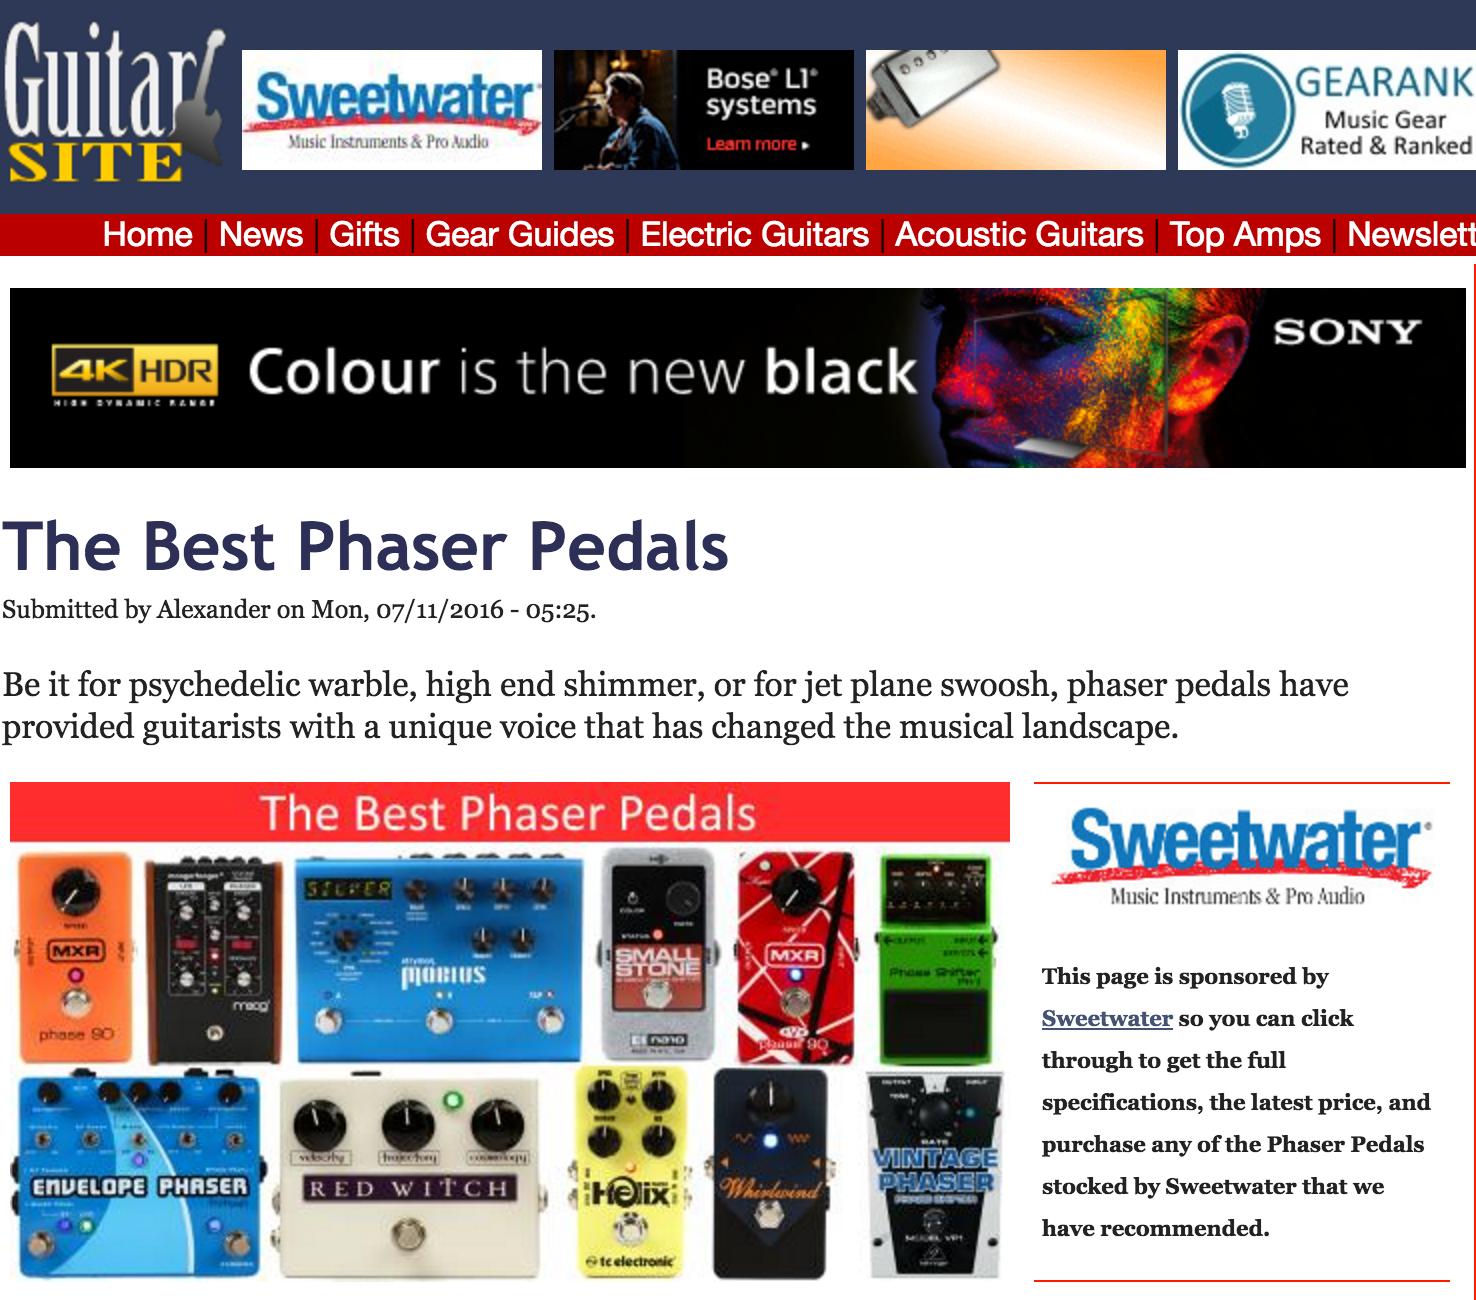 Guitarsite - Dlx Moon Phaser